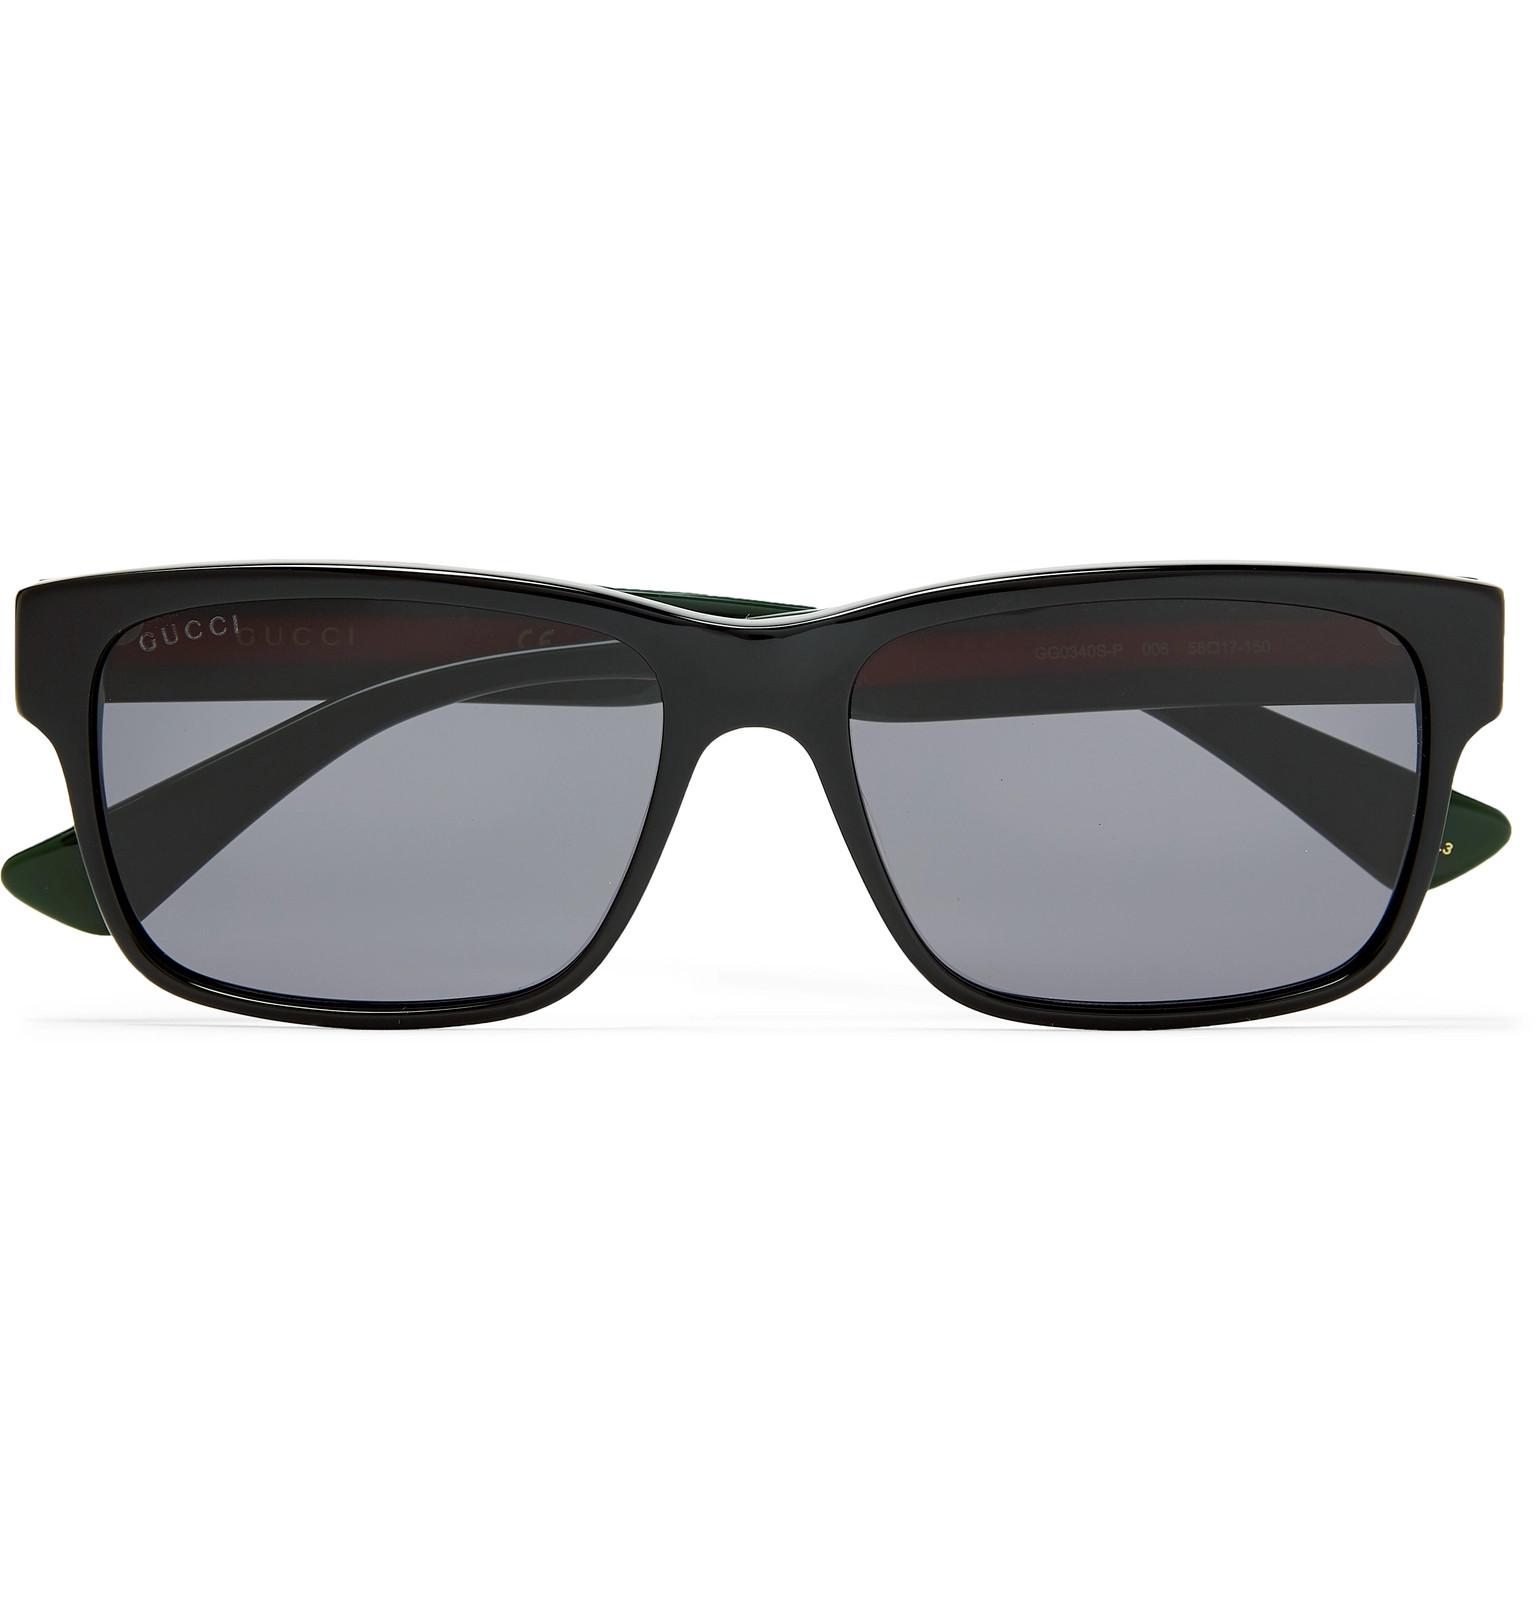 bdde89bb1057 Gucci - Square-Frame Striped Acetate Sunglasses